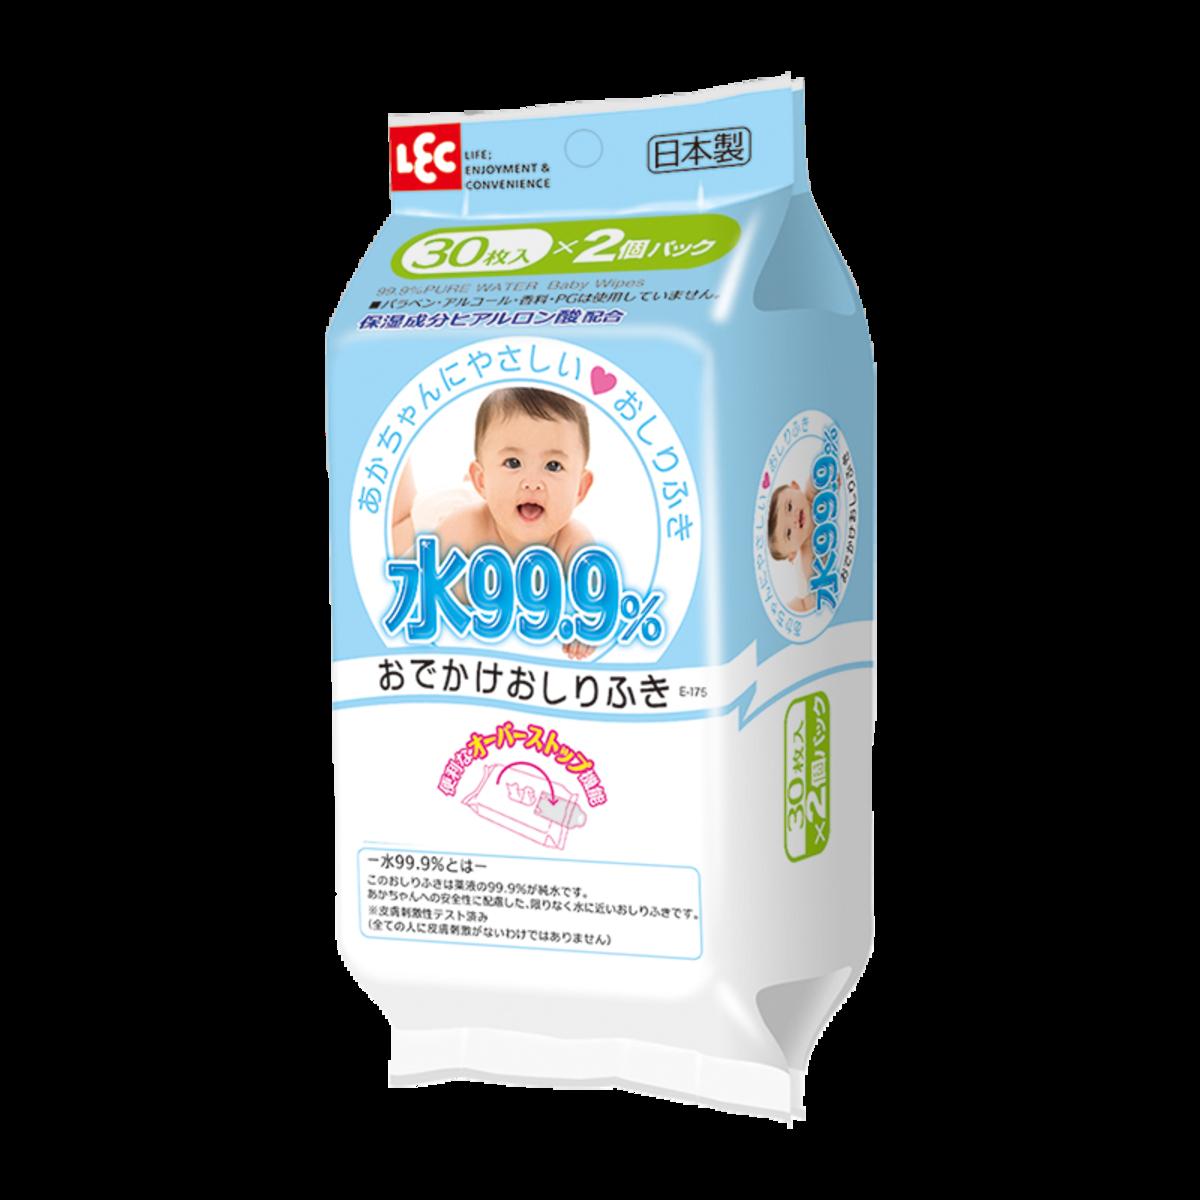 幼兒即棄濕抹巾 (日式輕便裝) 30片 x 2包